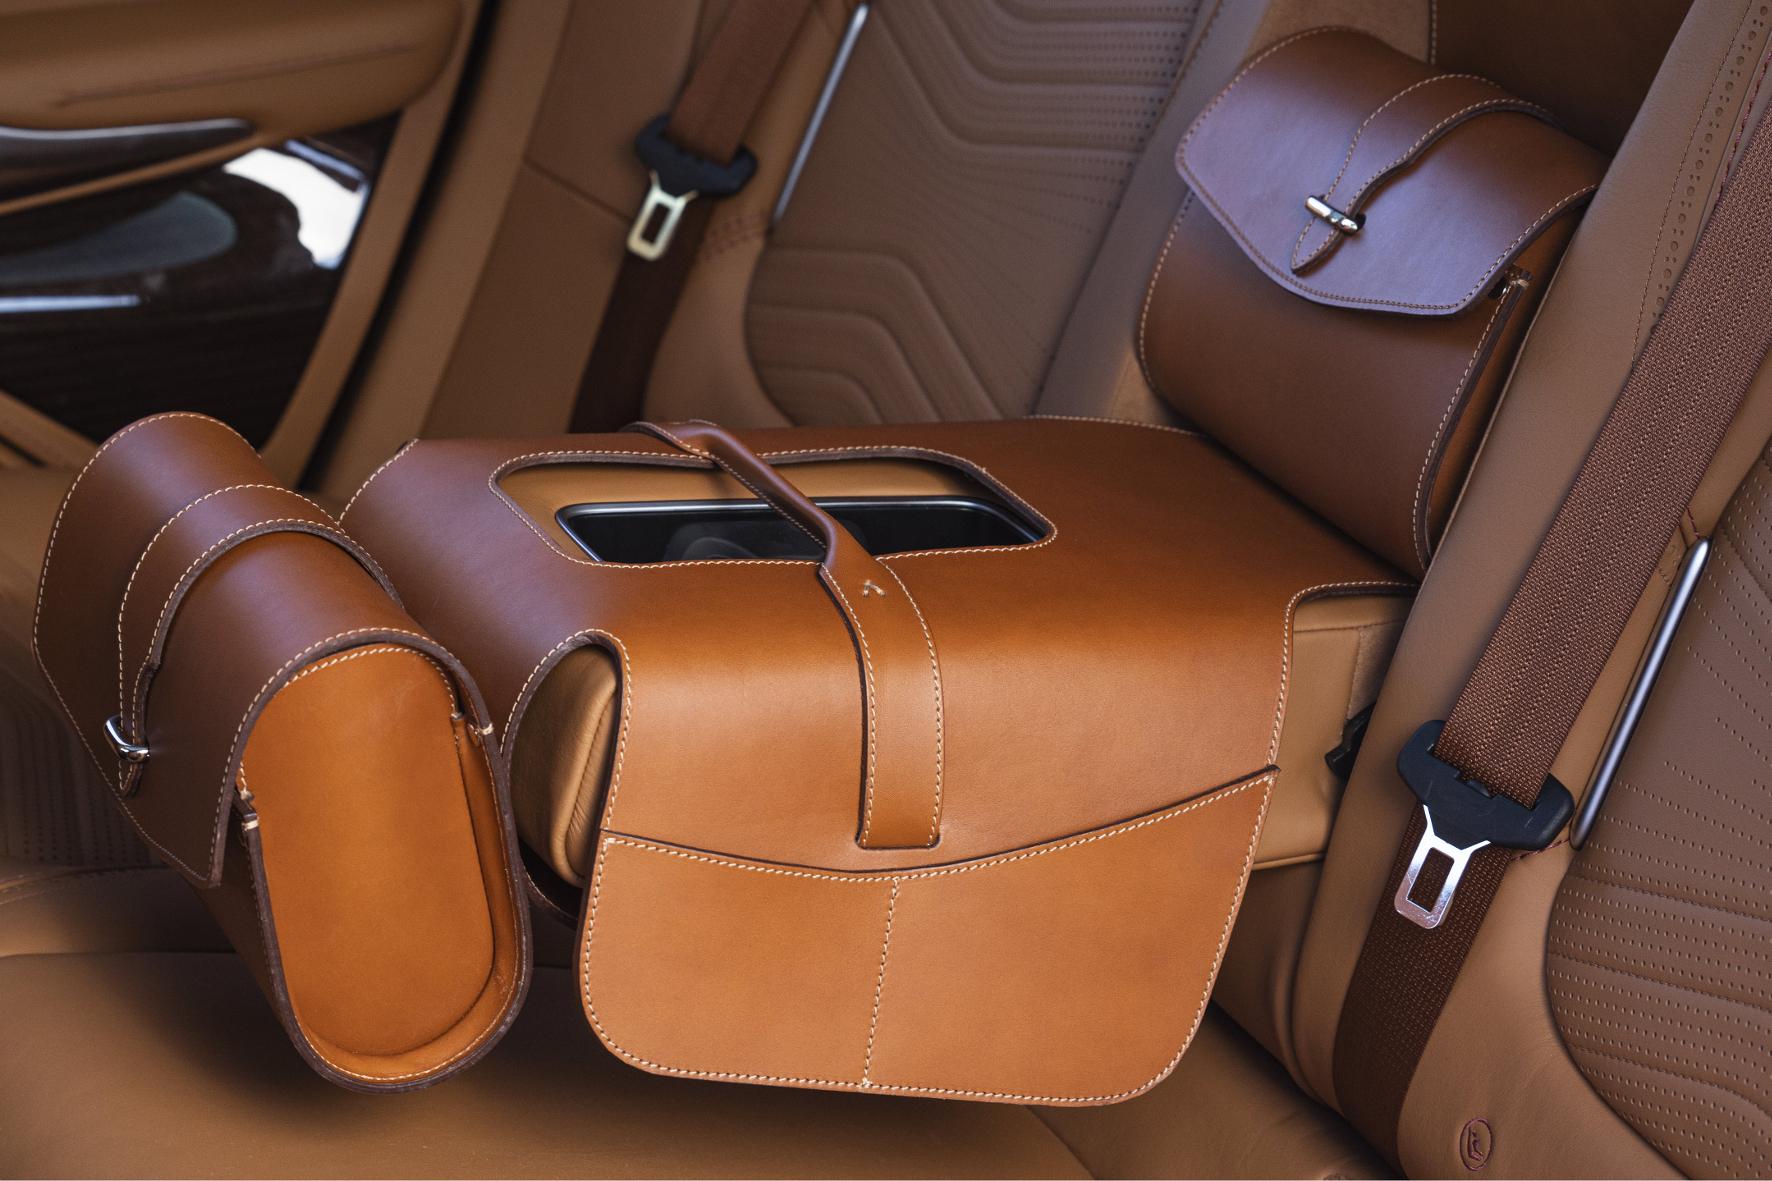 mid Groß-Gerau - Vom Feinsten: die Satteltaschen für den Aston Martin DBX. Aston Martin